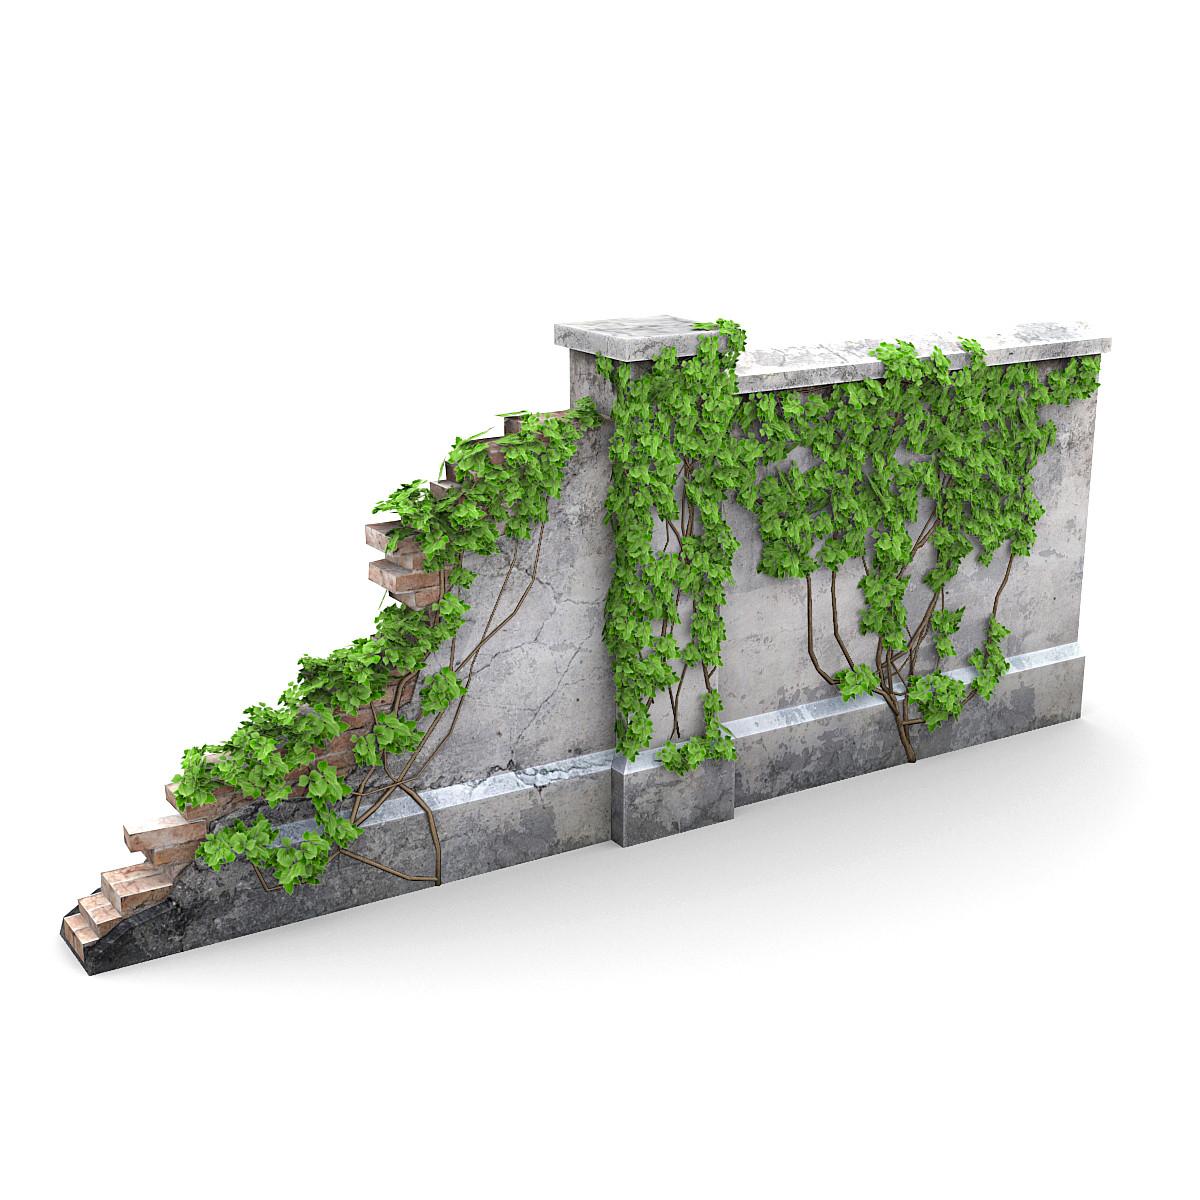 fencing wall ivy vines 3d max